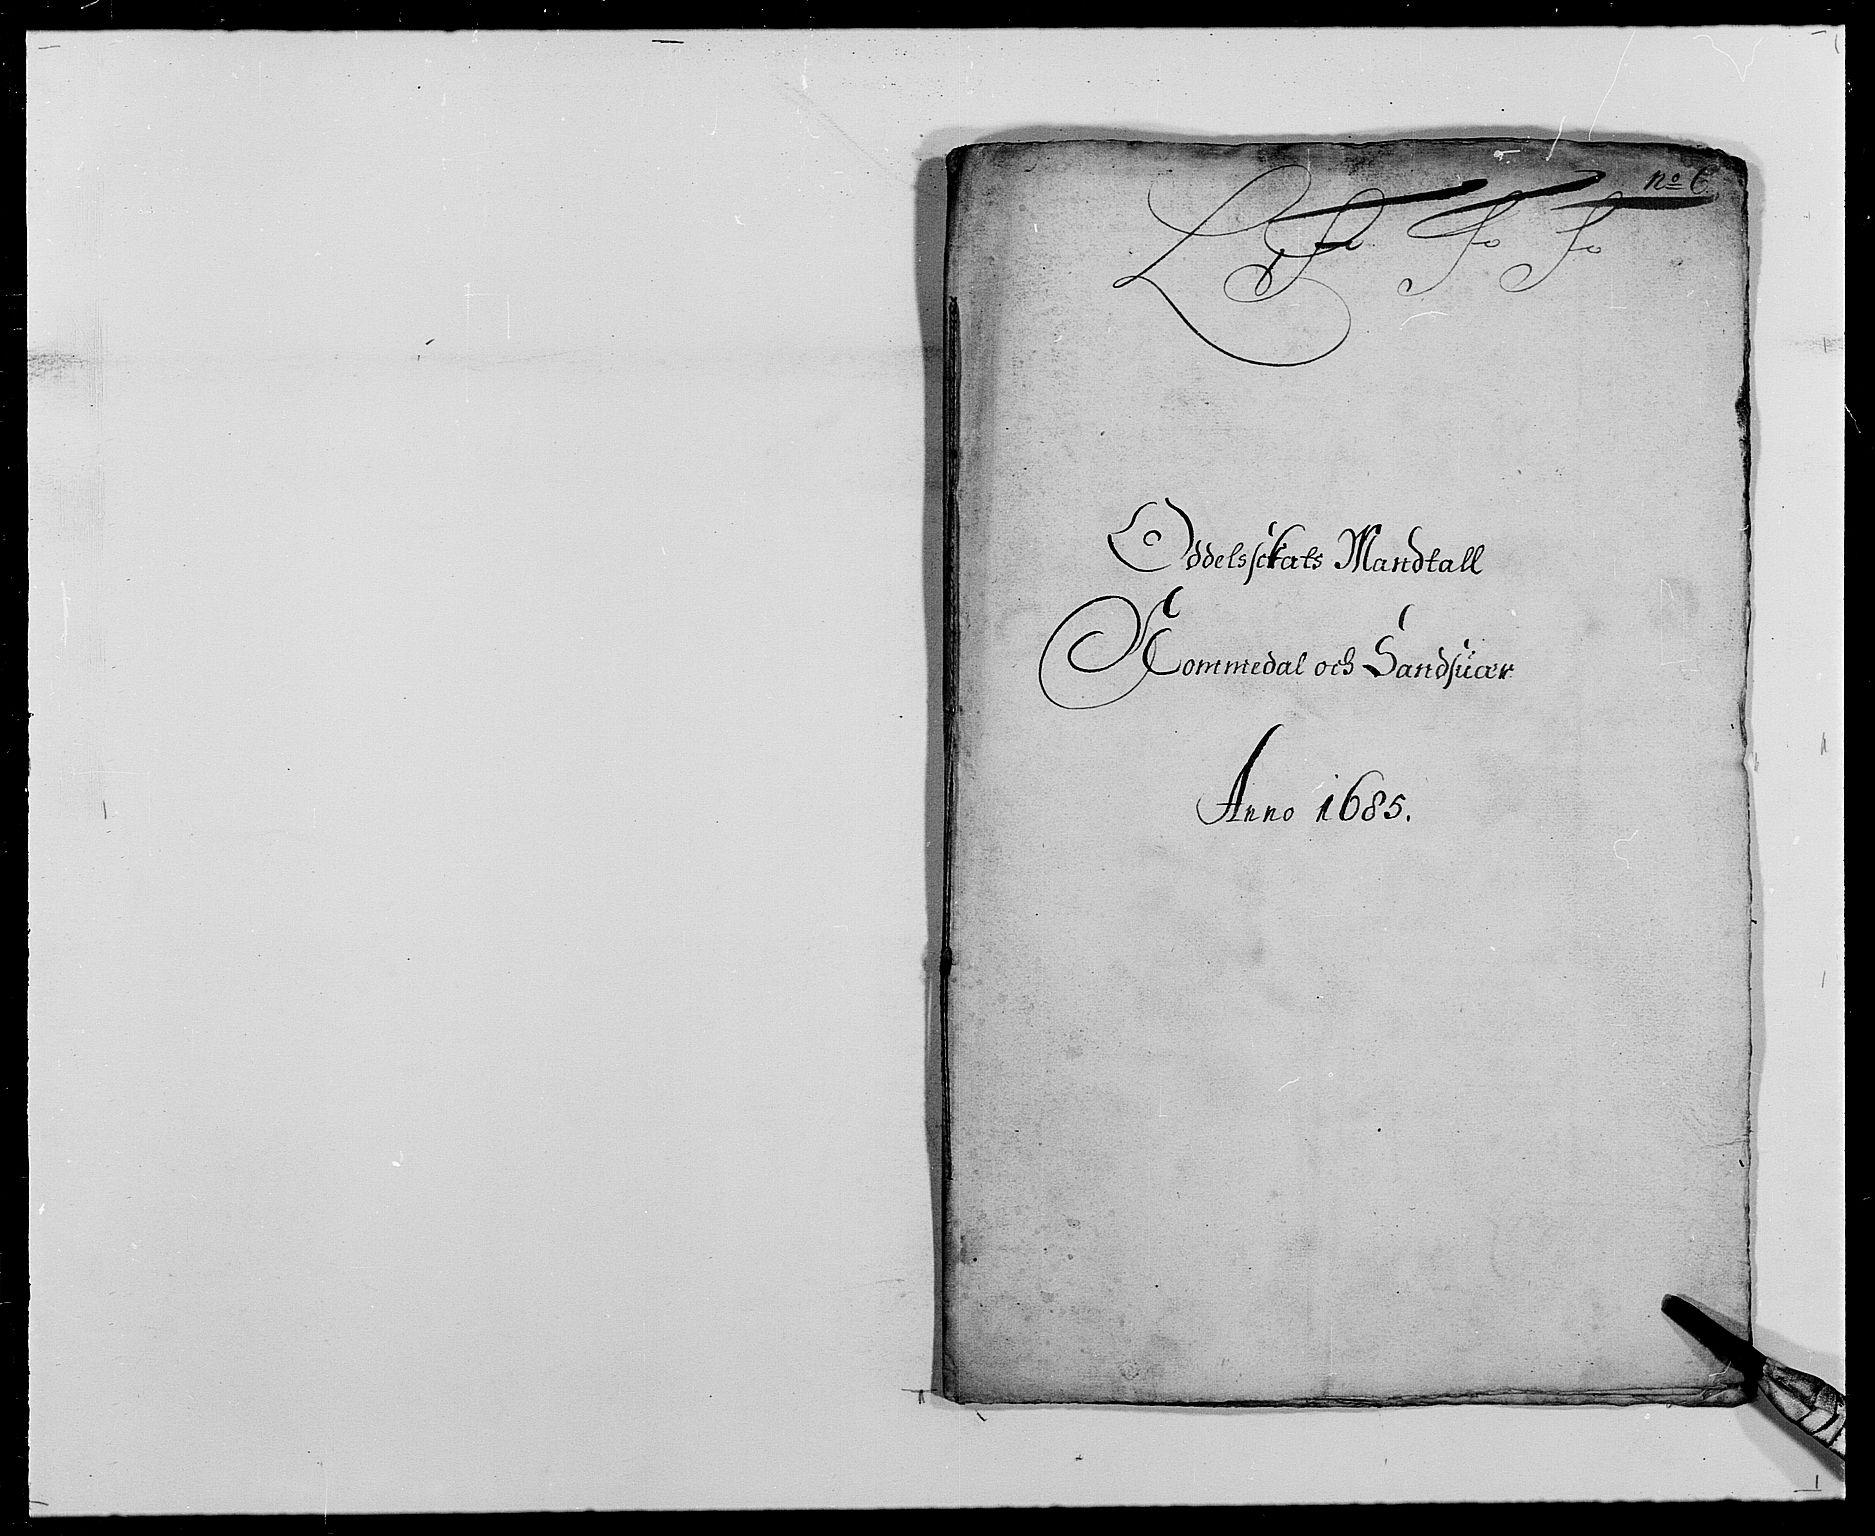 RA, Rentekammeret inntil 1814, Reviderte regnskaper, Fogderegnskap, R24/L1571: Fogderegnskap Numedal og Sandsvær, 1679-1686, s. 386